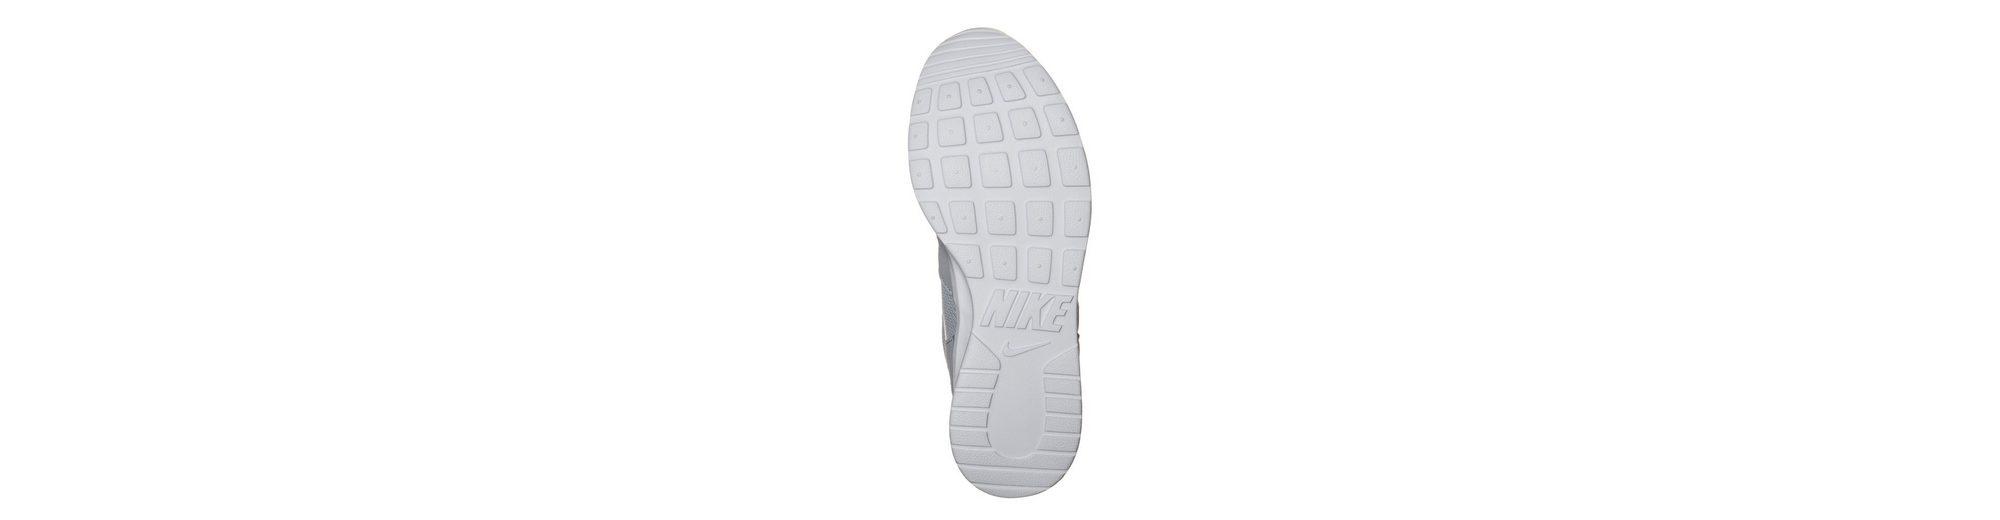 Besuchen Neue Online Nike Sportswear Kaishi Sneaker Damen Limit Rabatt Rabatte Online Wirklich Billige Schuhe Online Manchester Online dA6ryU55